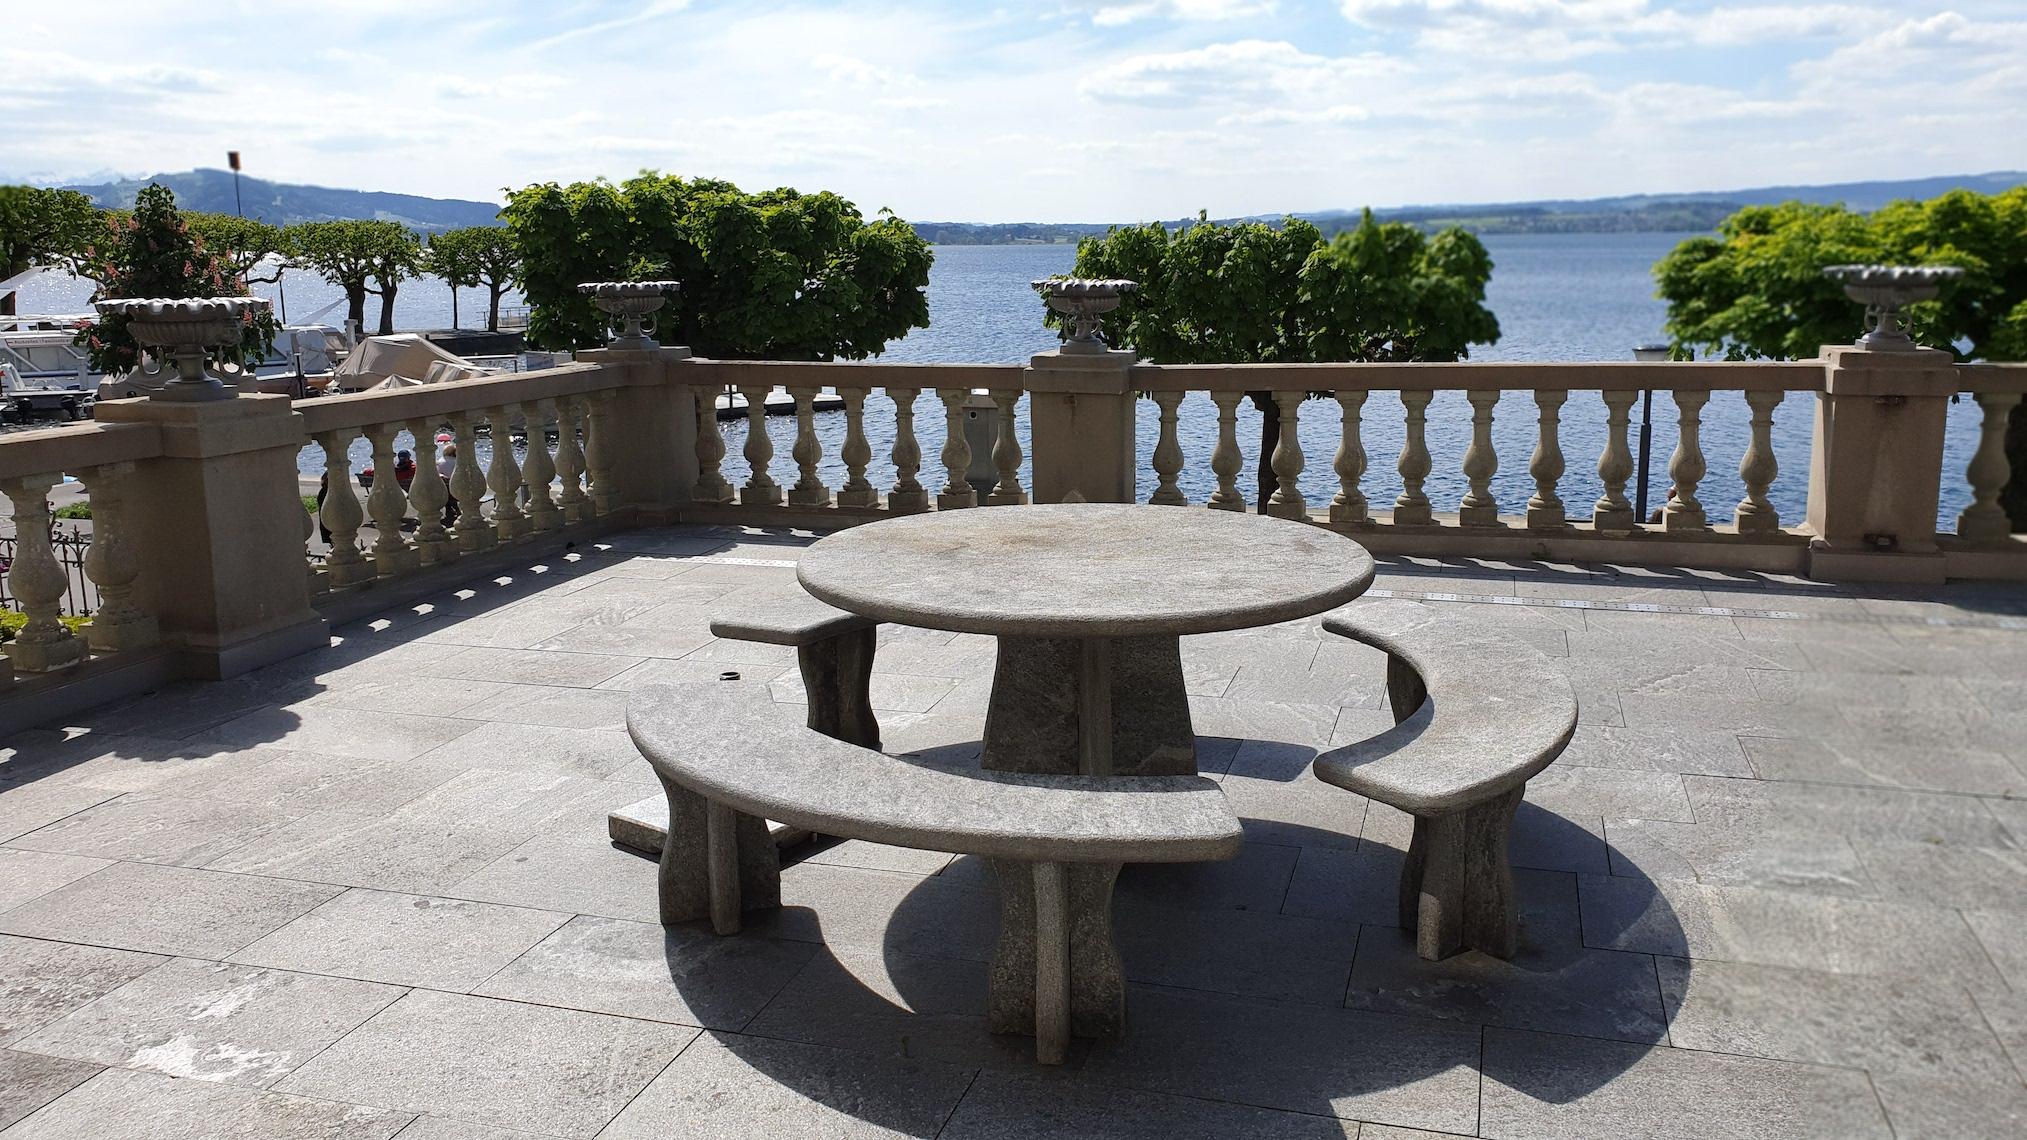 Tischlein deck Dich: Gneistisch auf der Terrasse des Zuger Regierungsgebäudes.